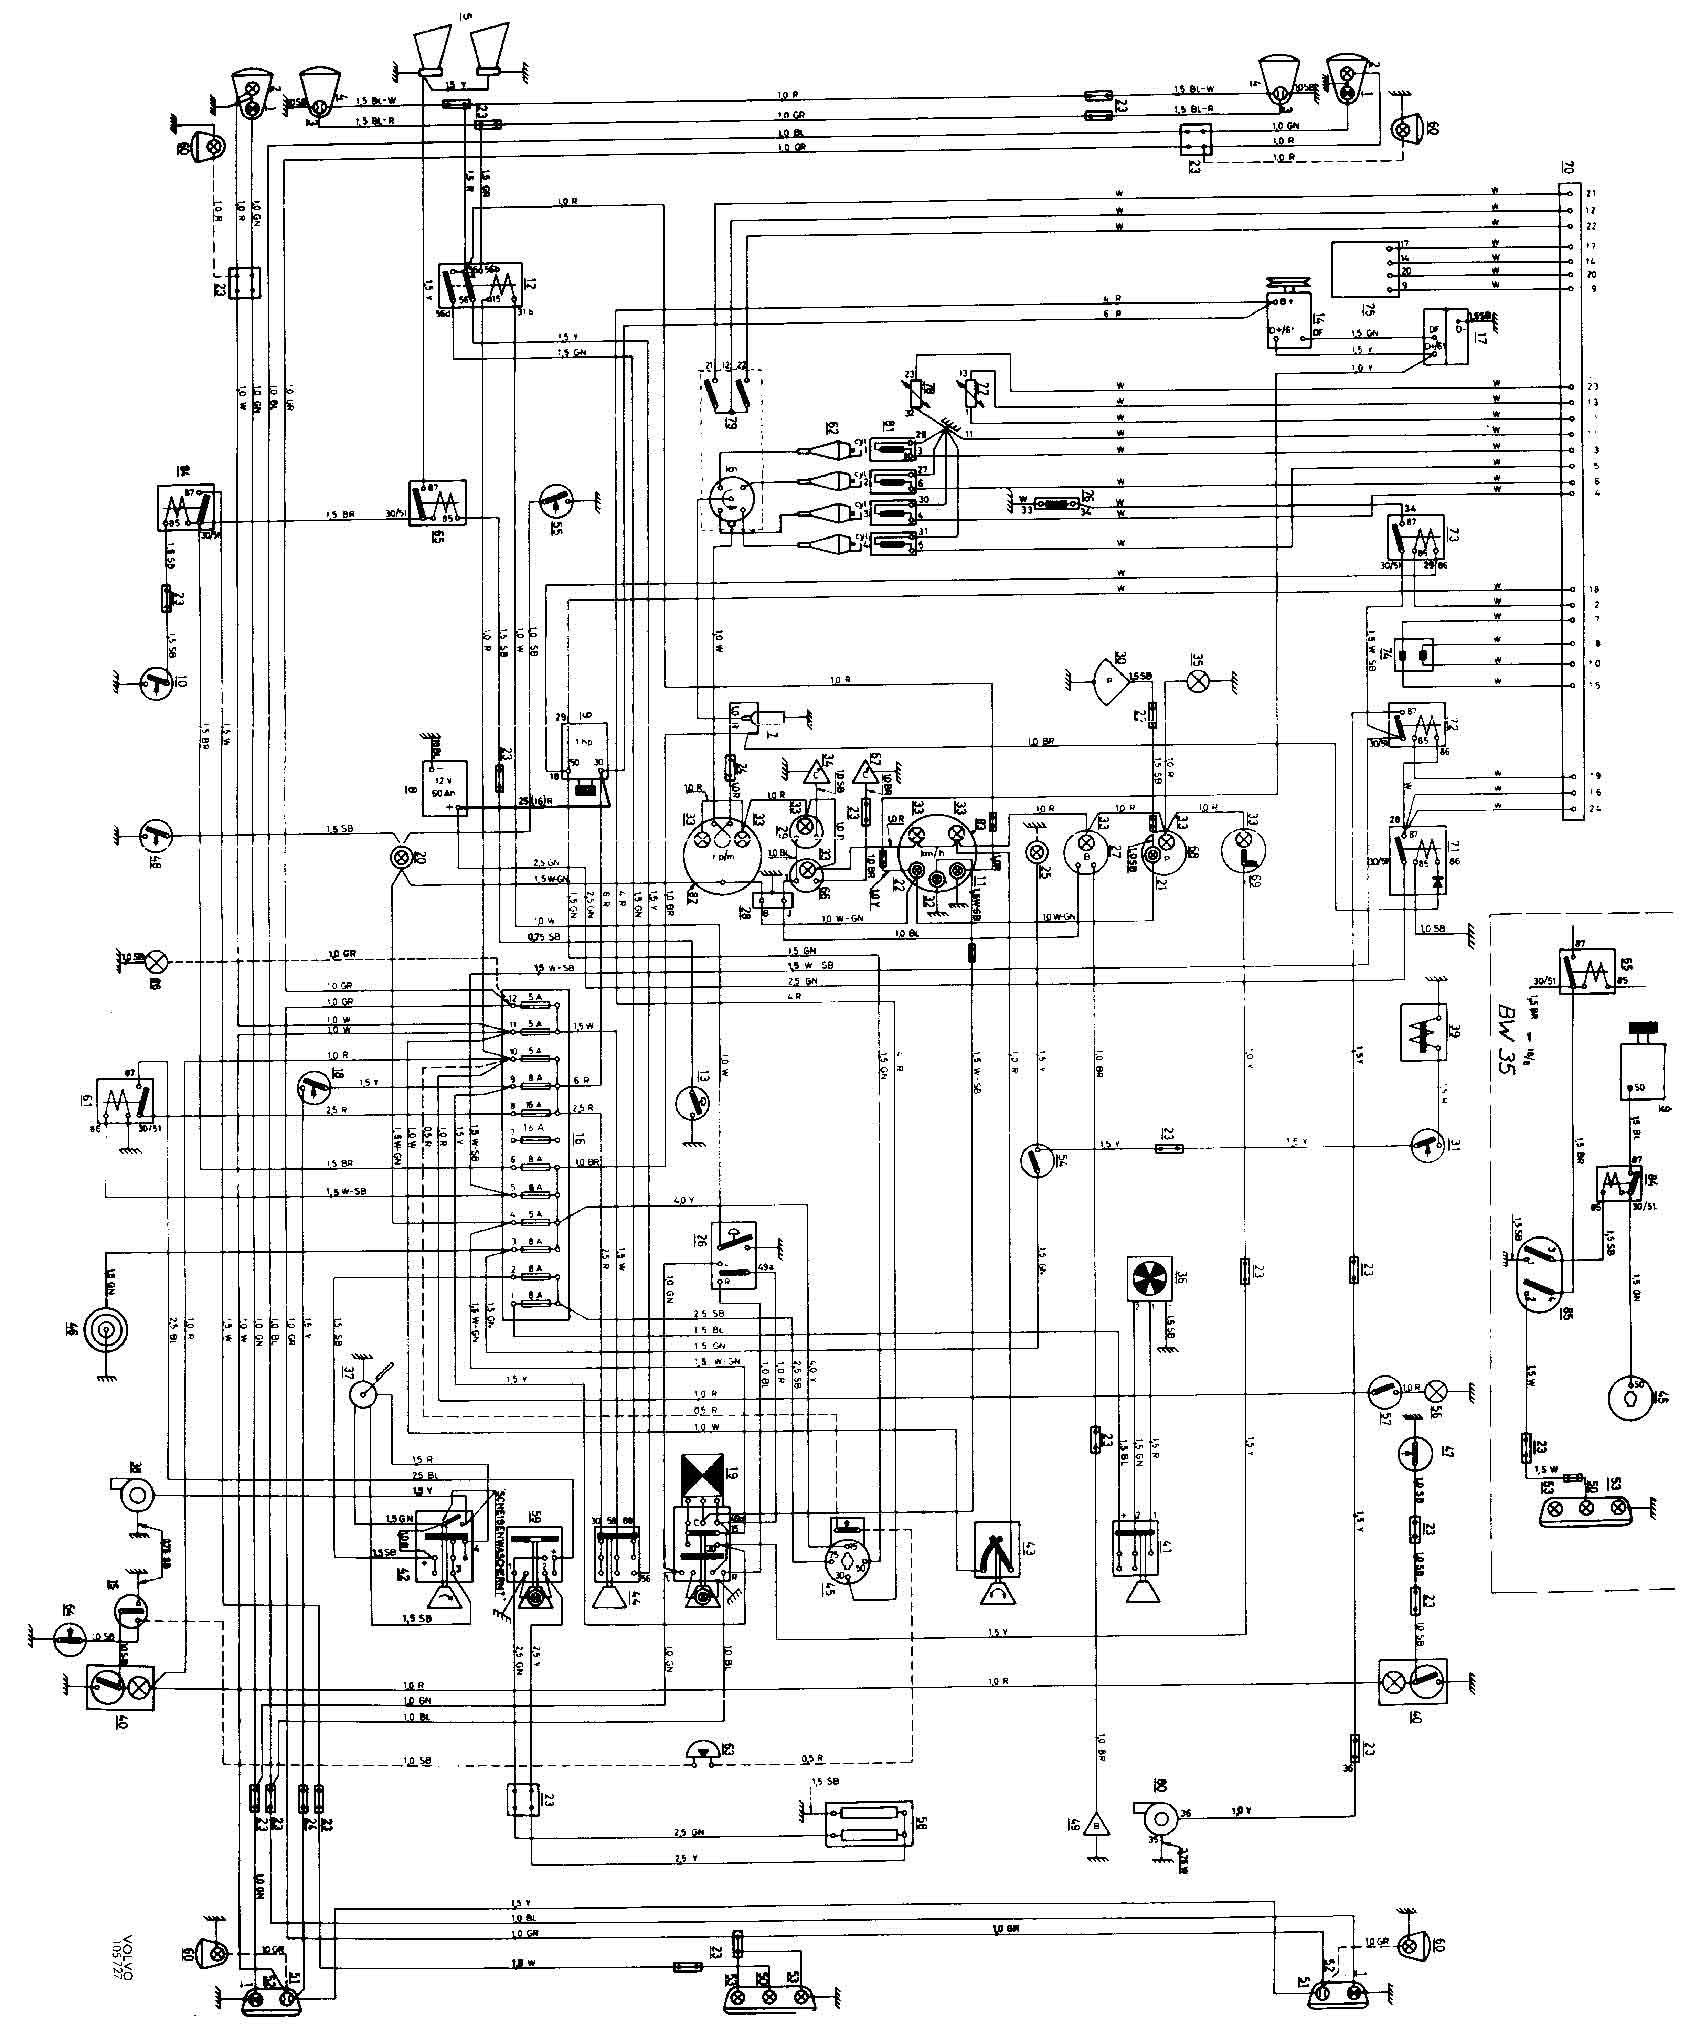 [DIAGRAM_5LK]  CL_3826] Volvo V40 Towbar Wiring Diagram Download Diagram | Volvo V40 Towbar Wiring Diagram |  | Aesth Inrebe Mohammedshrine Librar Wiring 101